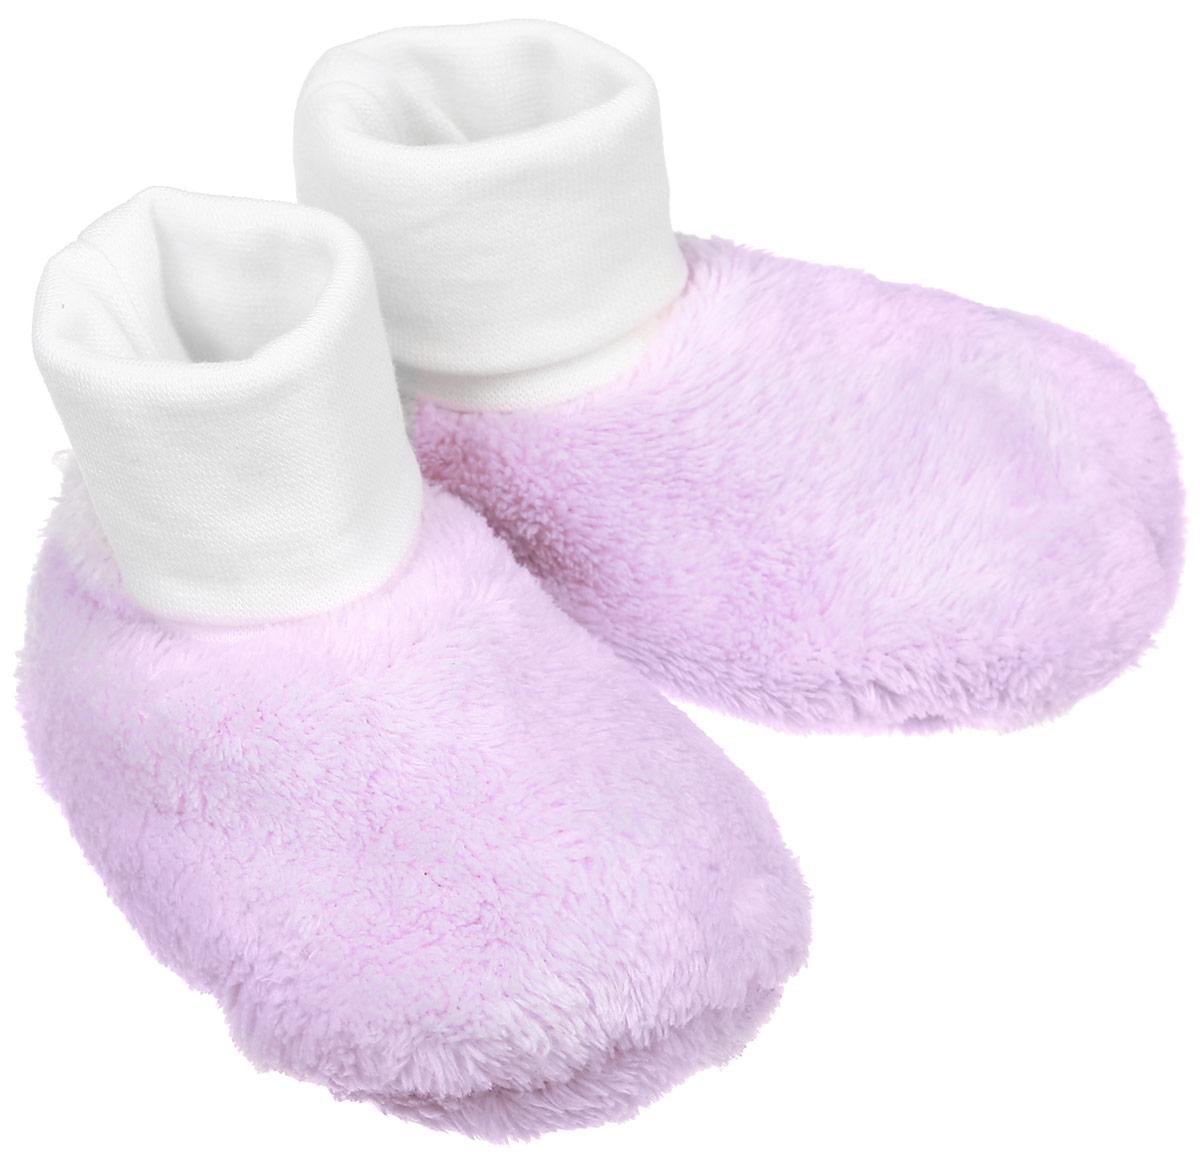 Пинетки детские Reima Levana, цвет: сиреневый. 517118-5000. Размер 0 обувь и пинетки little me пинетки меховые